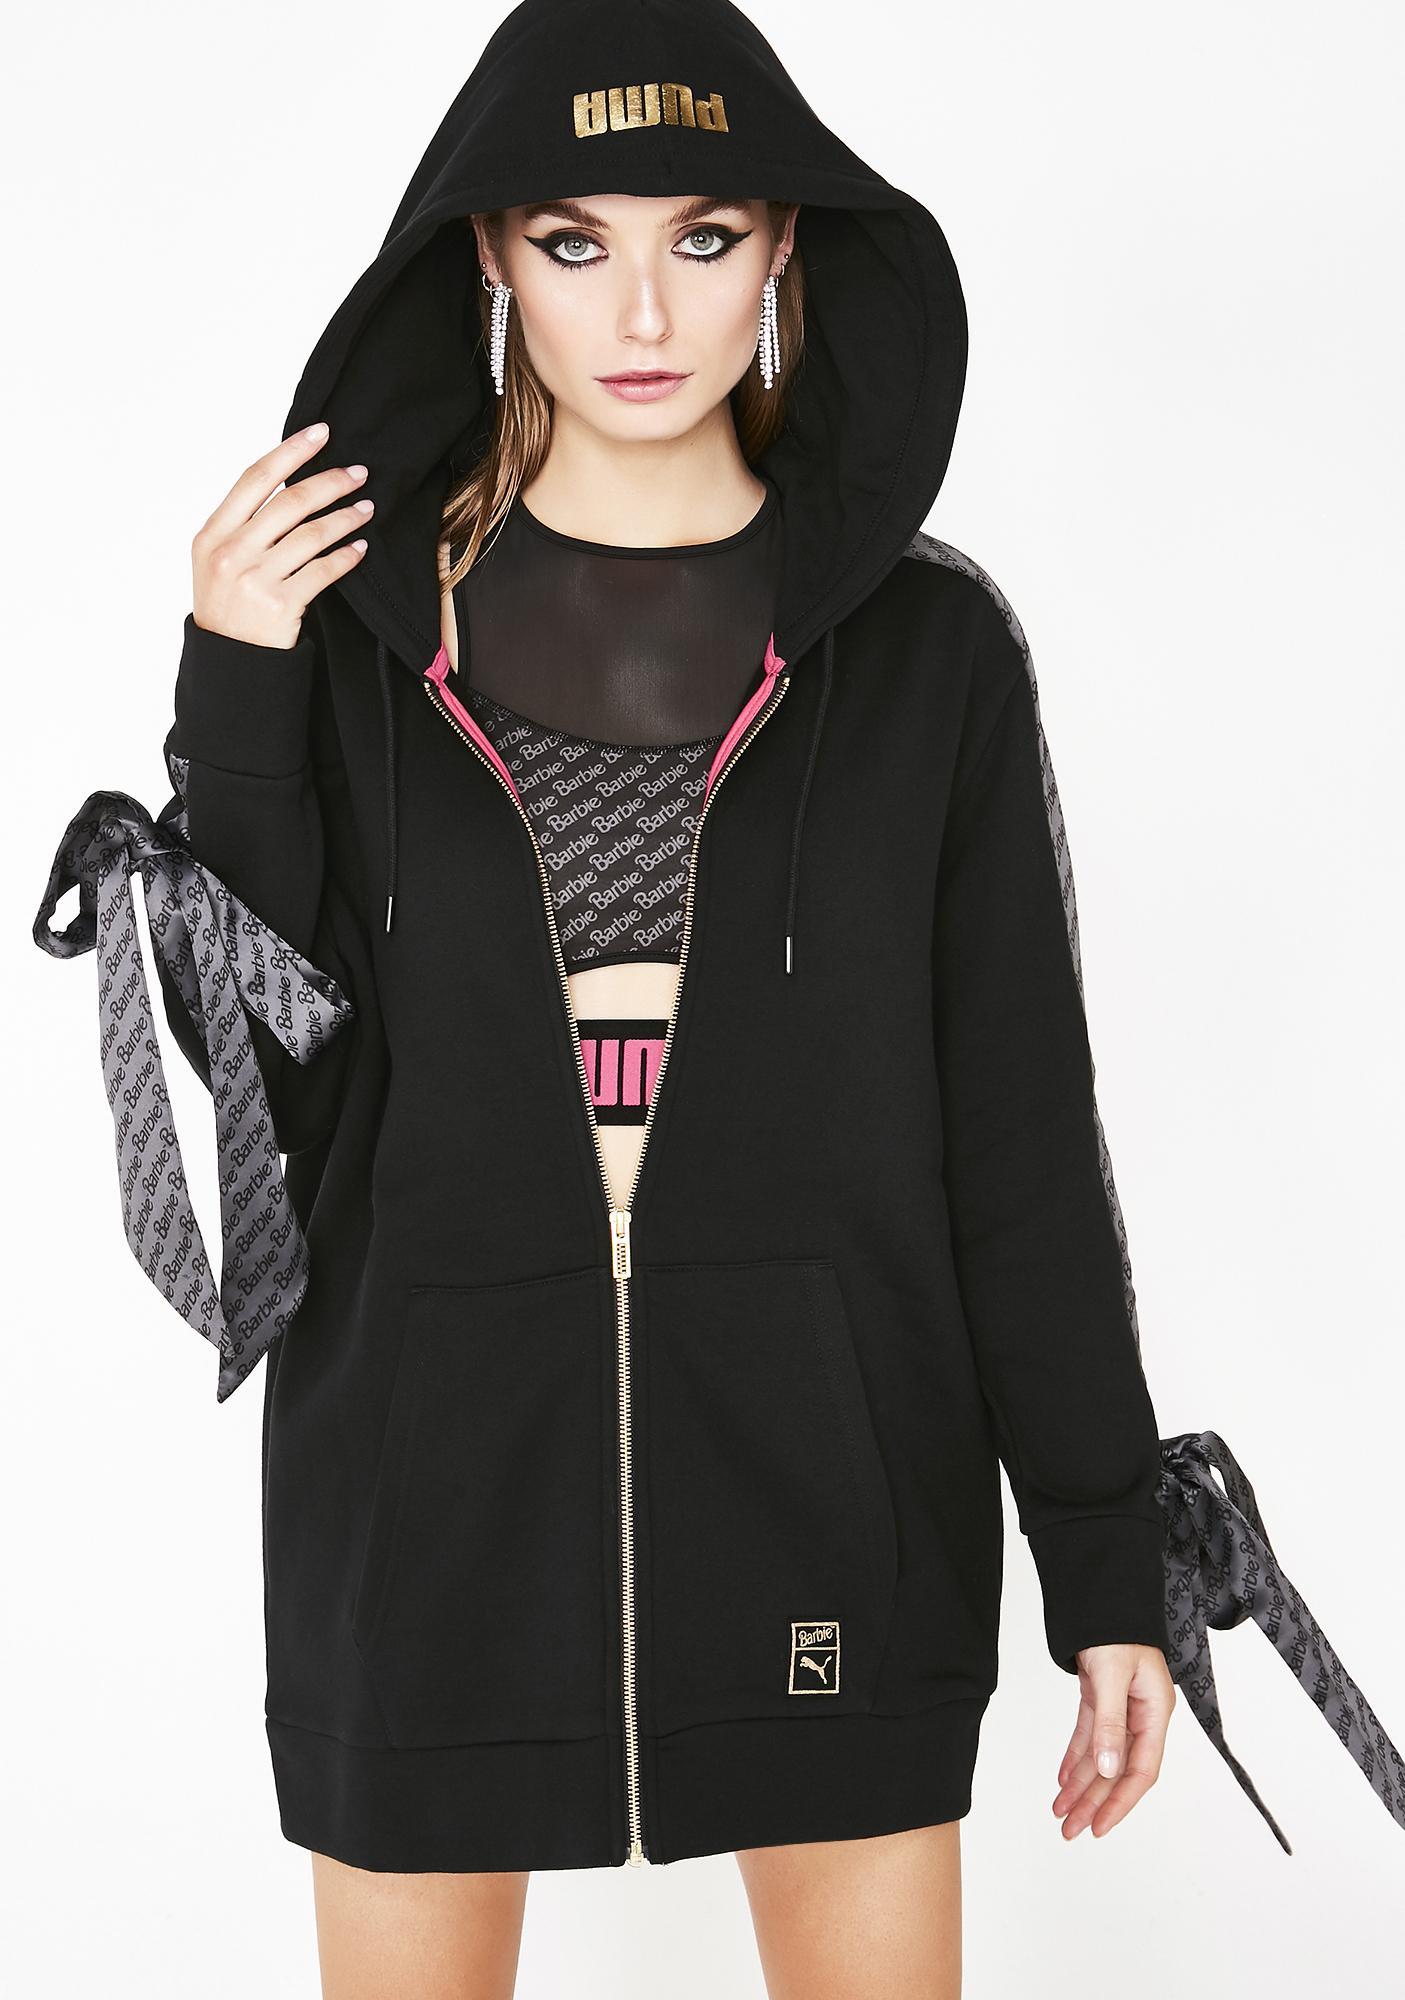 ece4ee2458 X Barbie Zip Up Hoodie